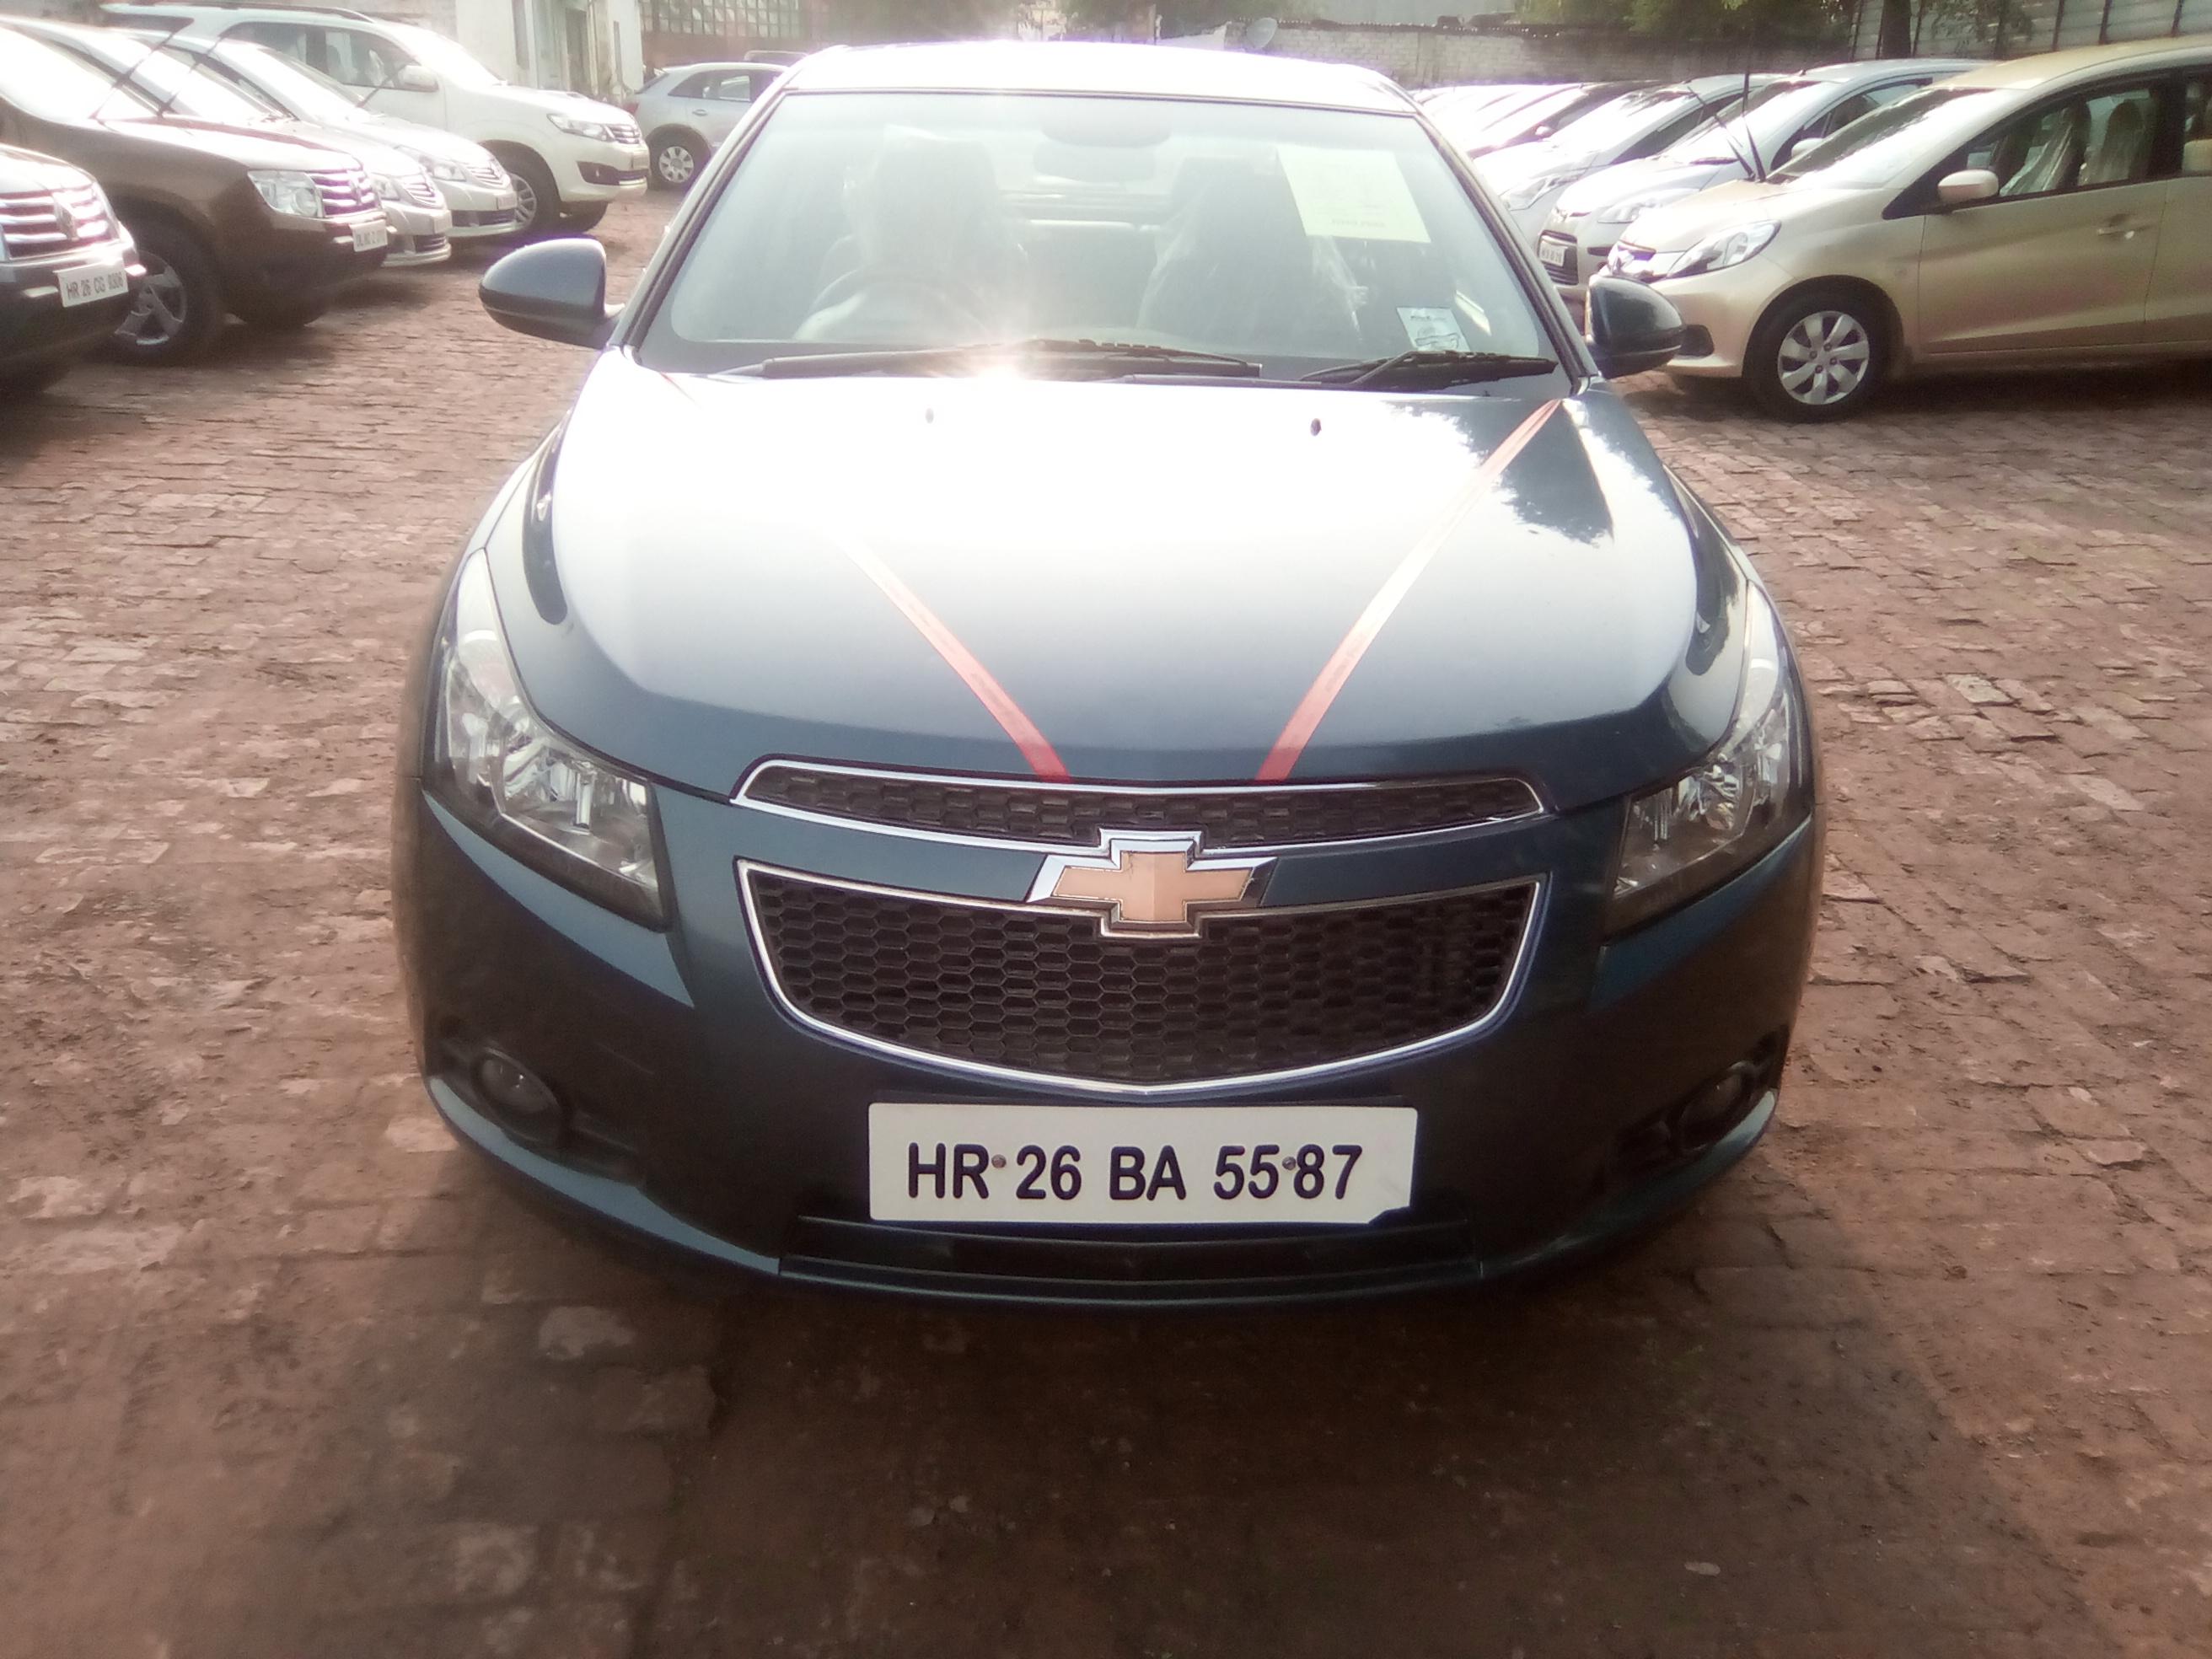 Chevrolet Cruze Ltz - Mahindra First Choice